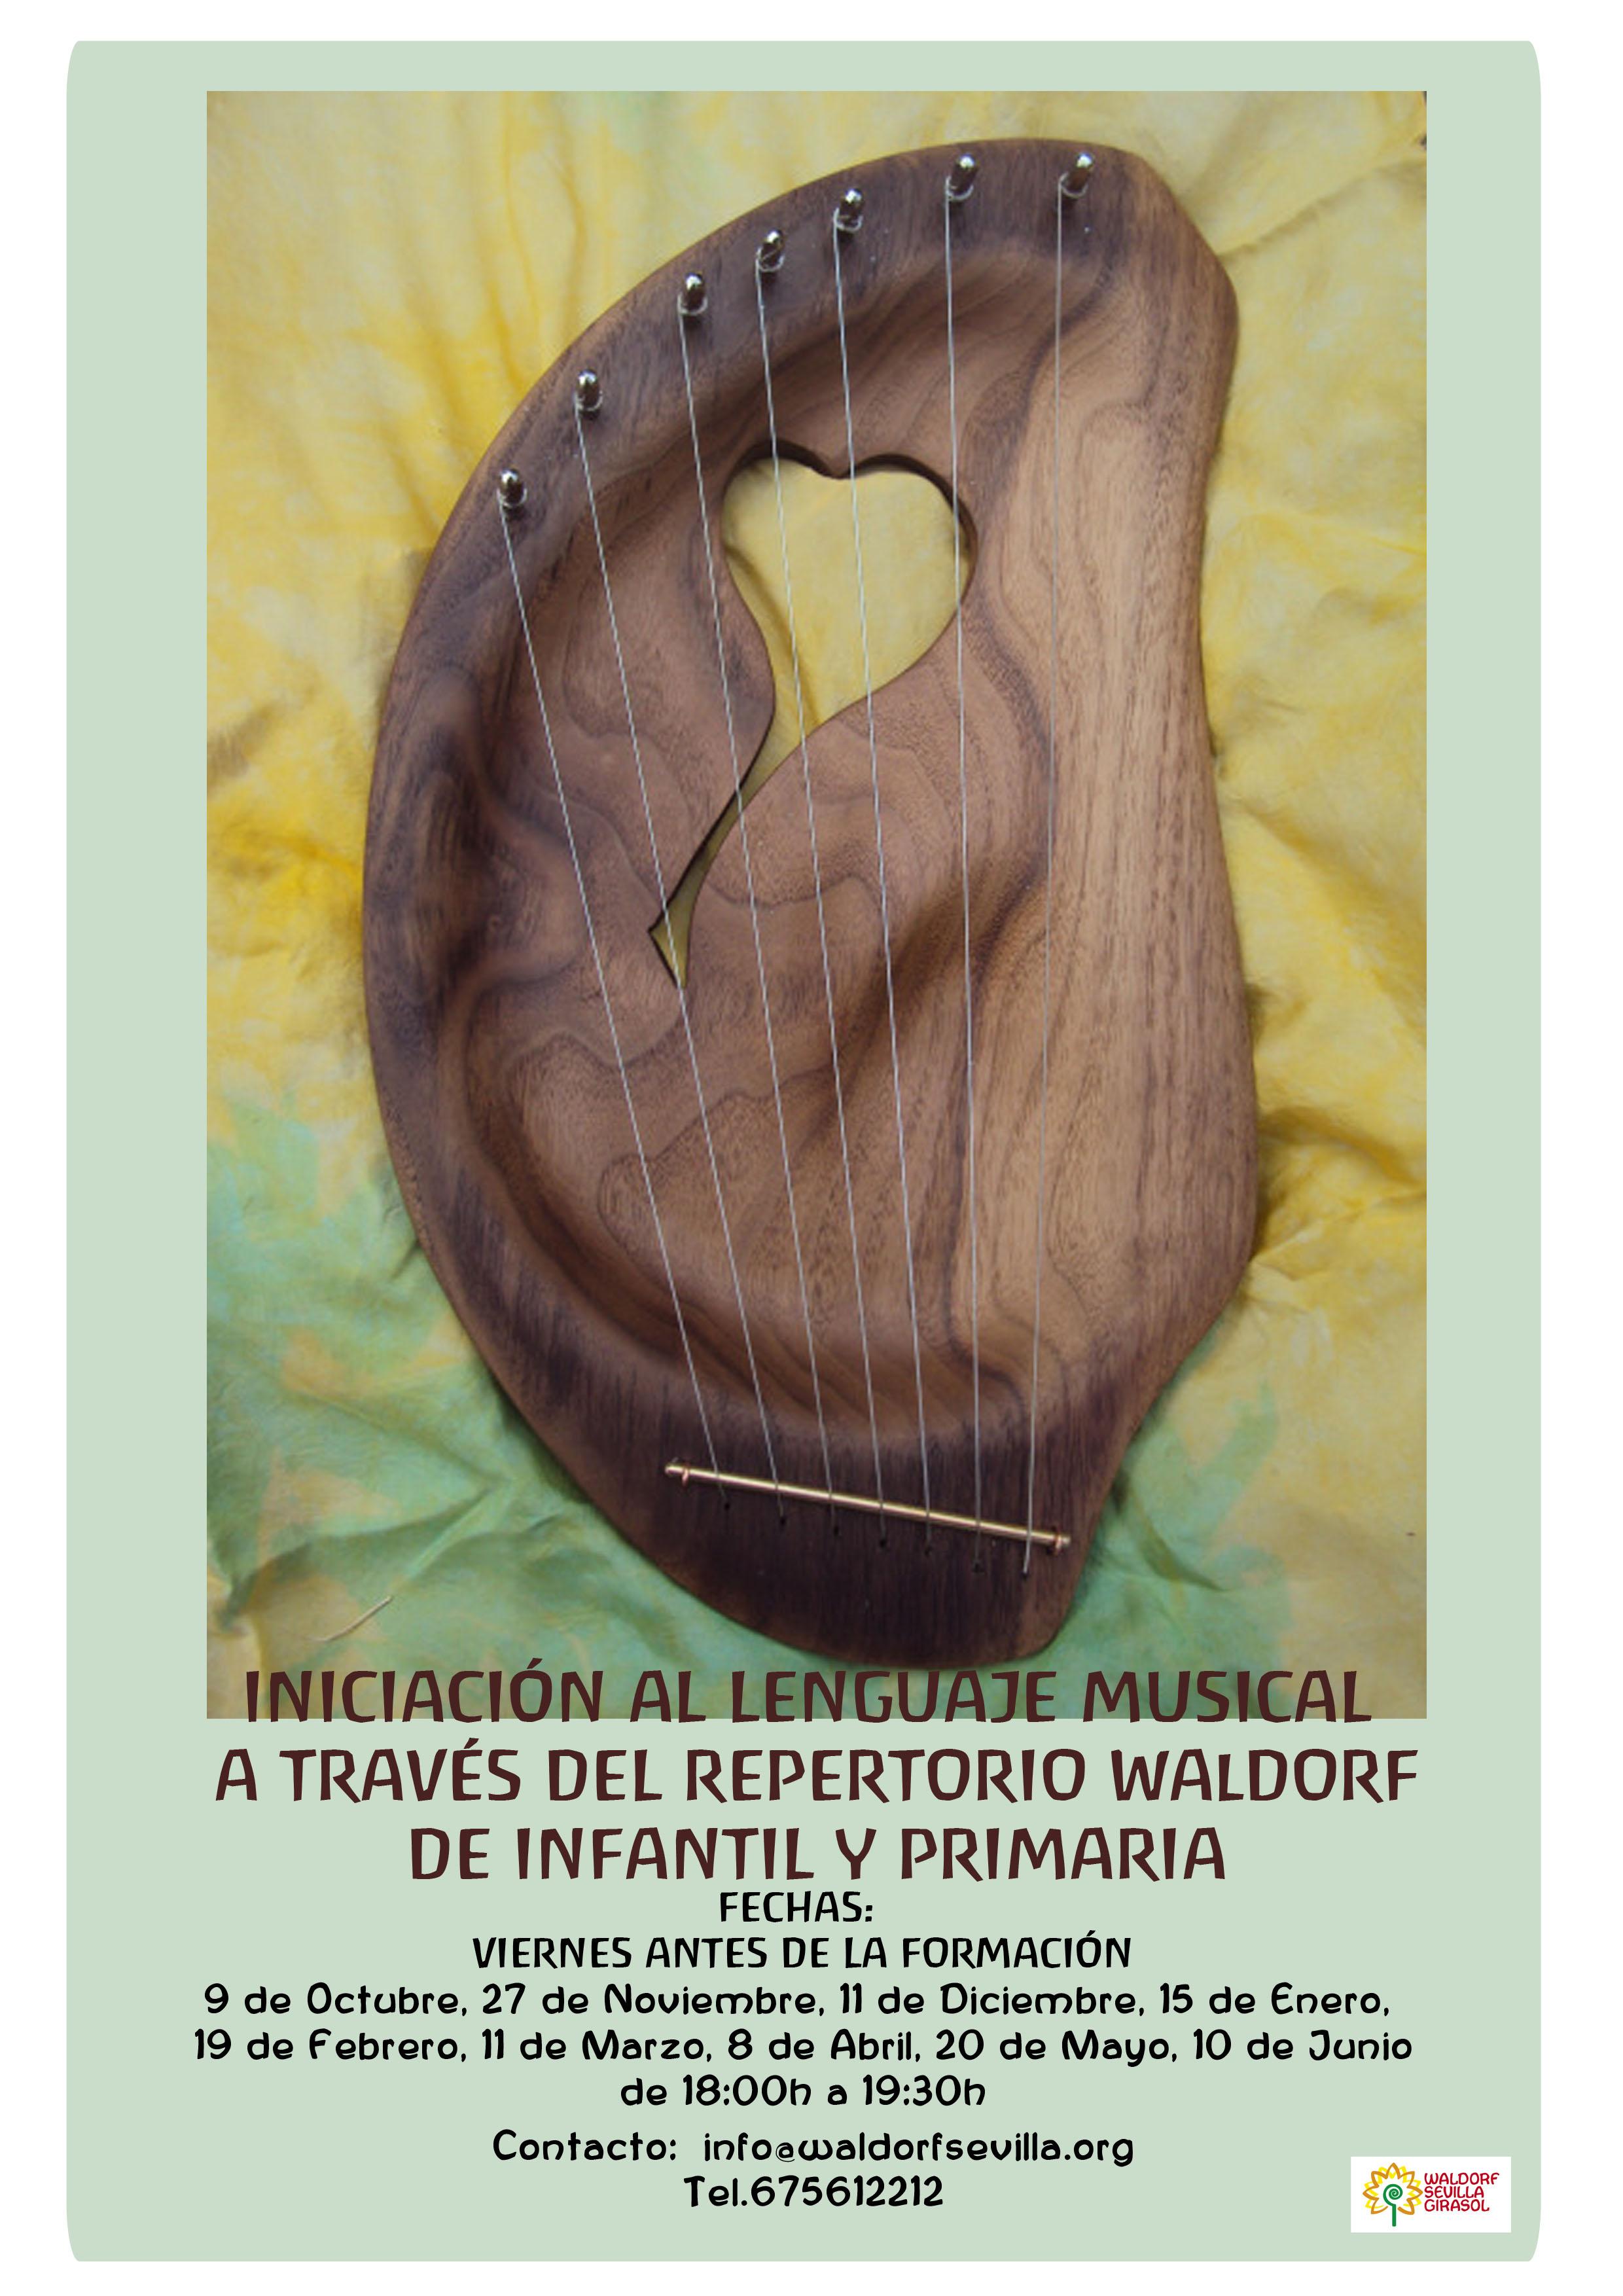 Curso de iniciación al lenguaje musical a través del repertorio Waldorf